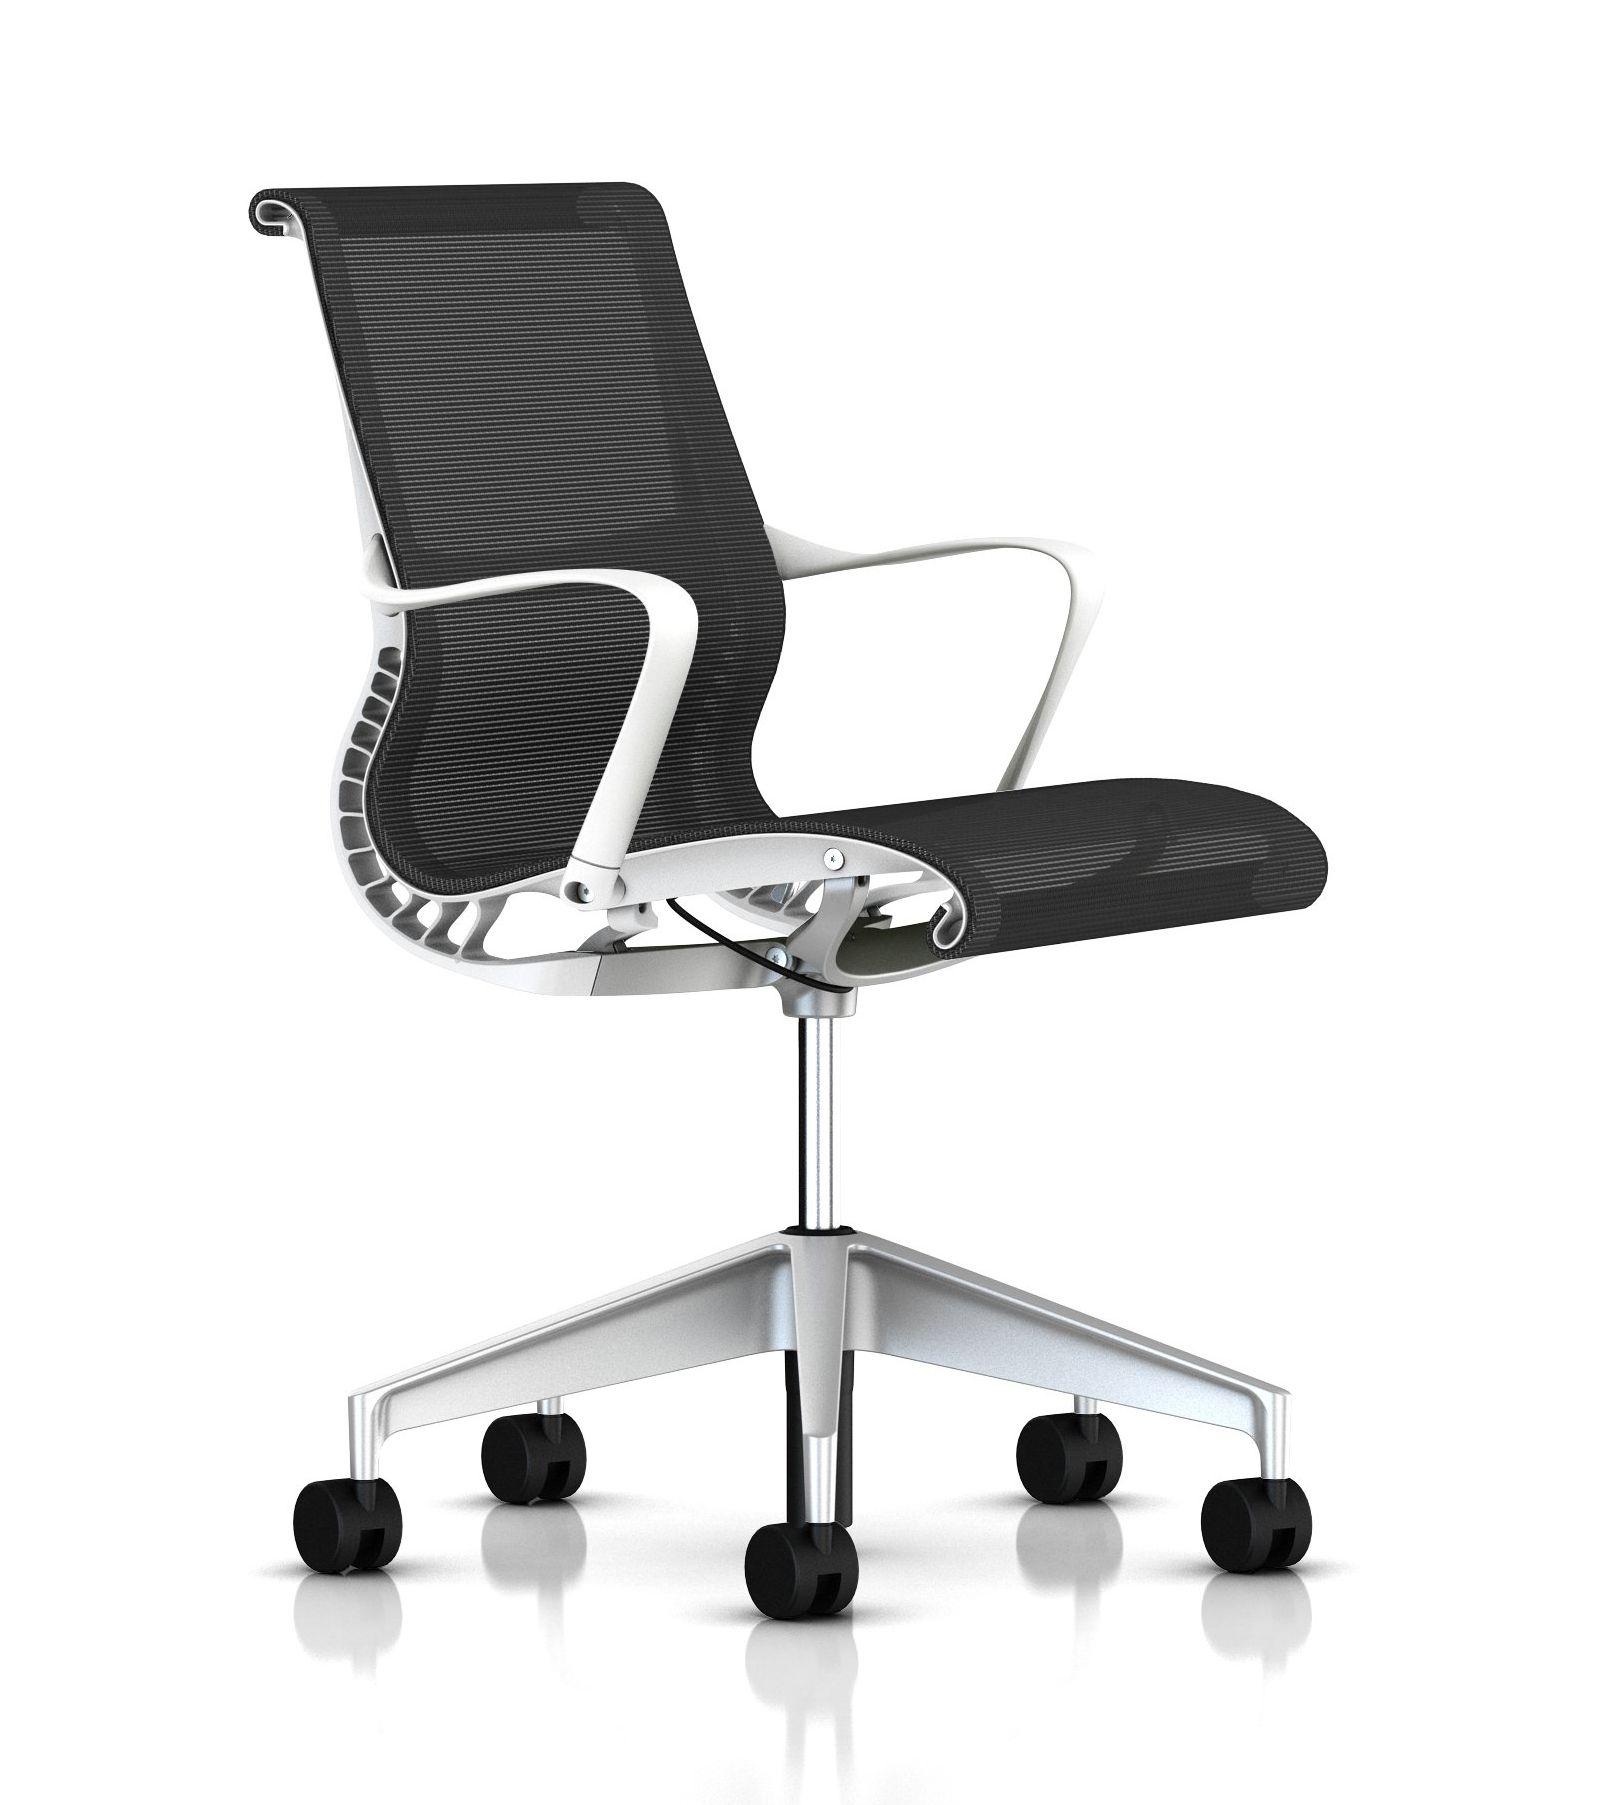 herman miller setu chair used